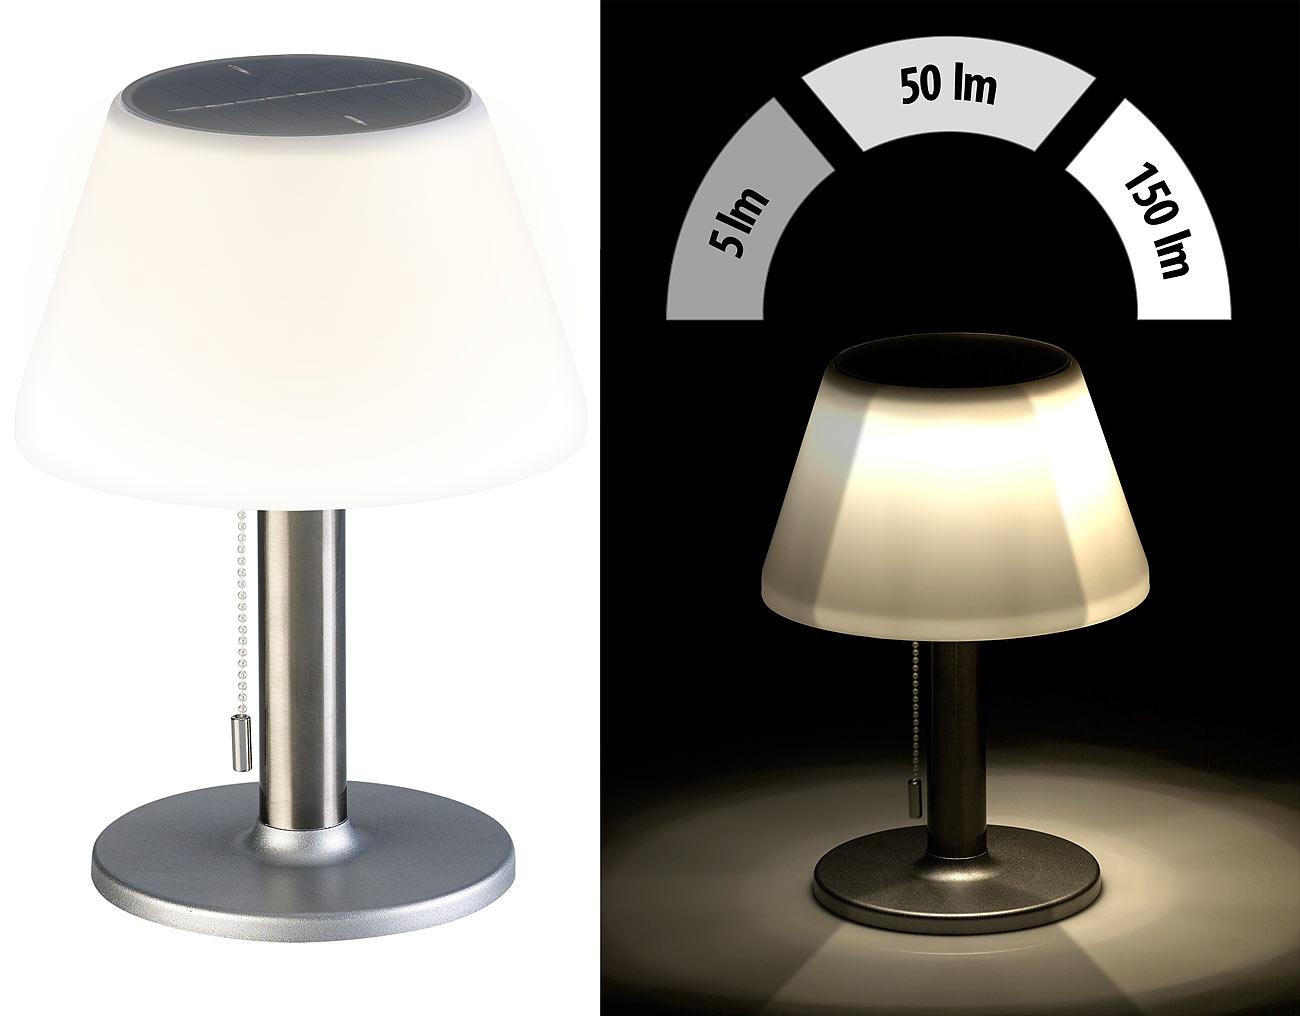 Lampada Da Tavolo A Led Solare Dimmerabile Con 150 Lumen 5 Watt O 20 Cm Ip44